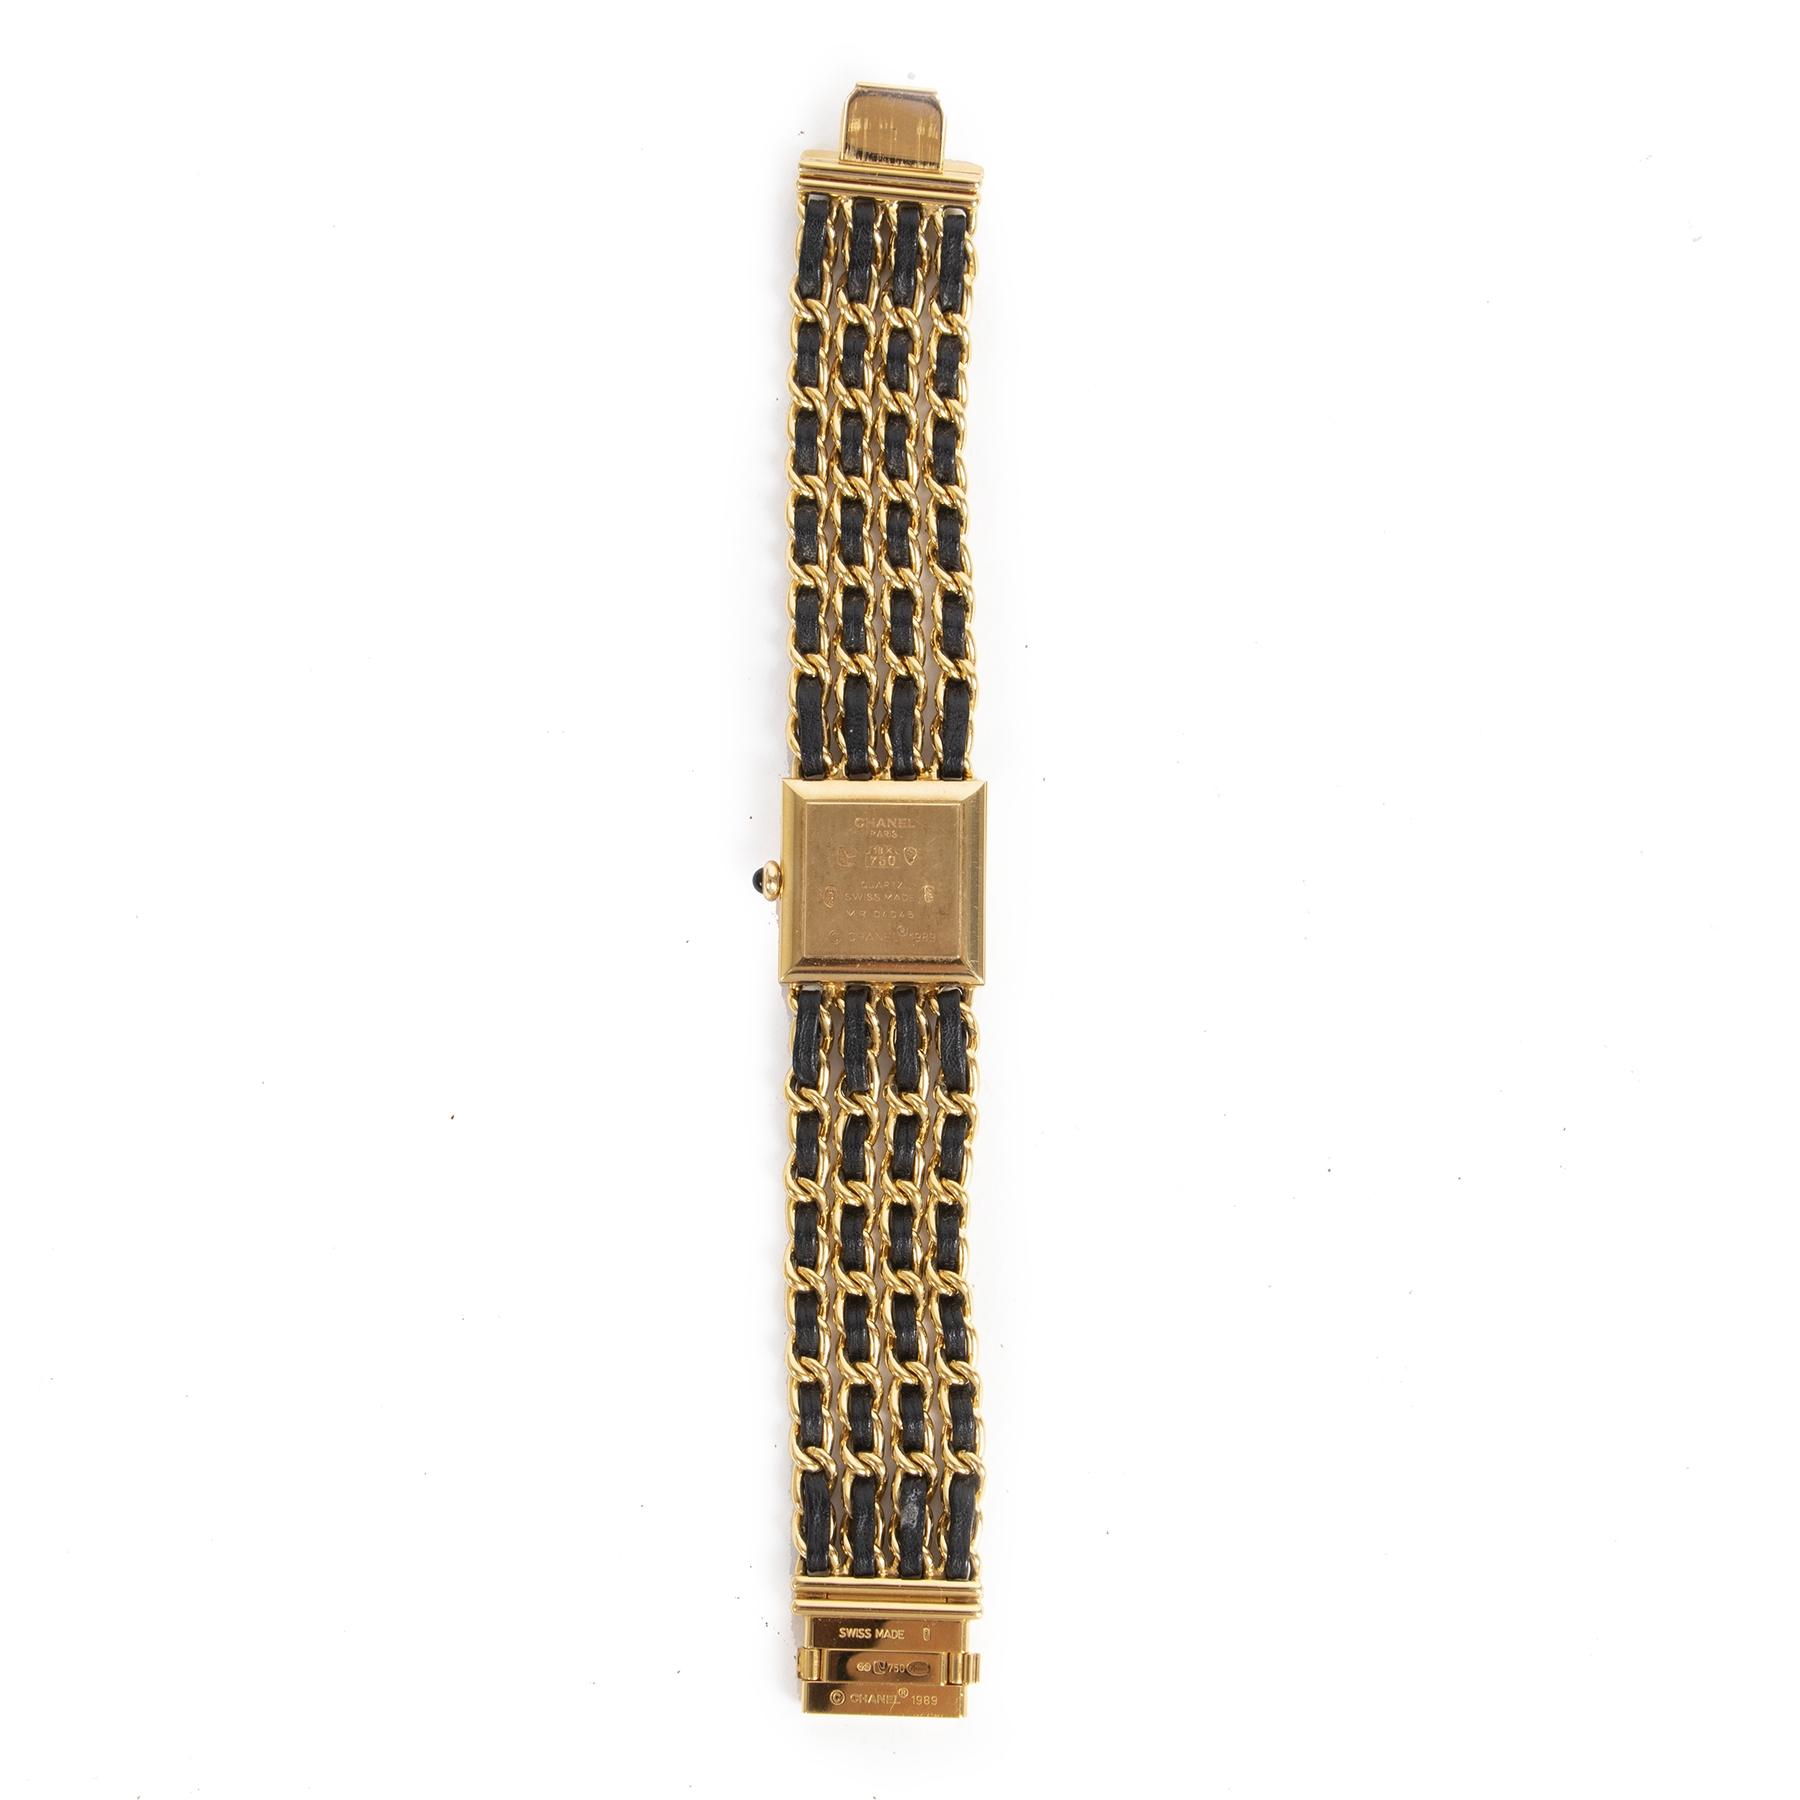 Koop en verkoop uw authentieke designer Chanel Woven Chain Mademoiselle 18K Watch